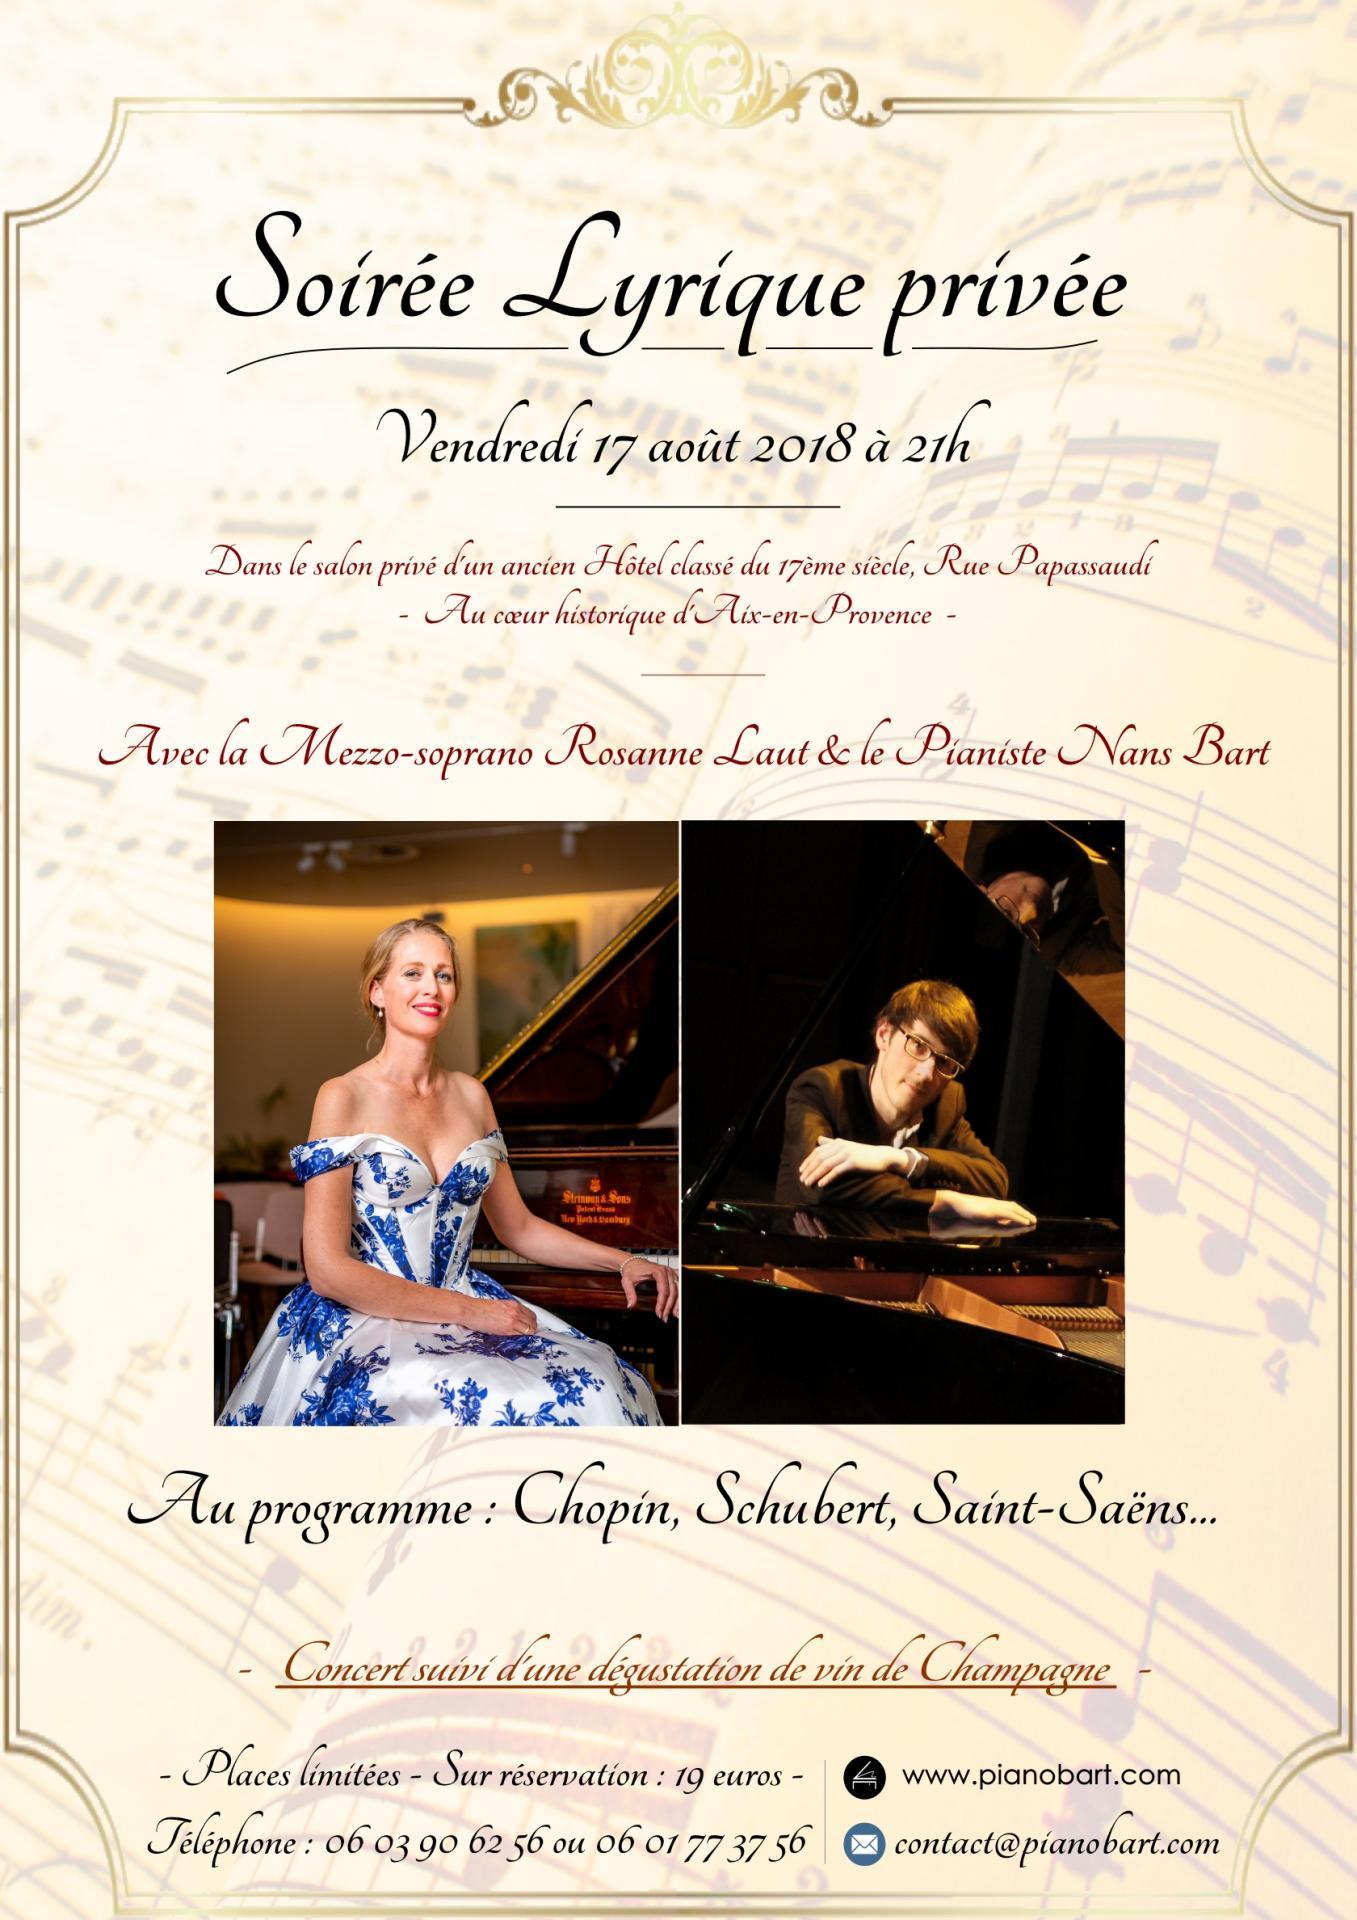 Soirée Lyrique privée à Aix-en-Provence le 17 août 2018 à 21h